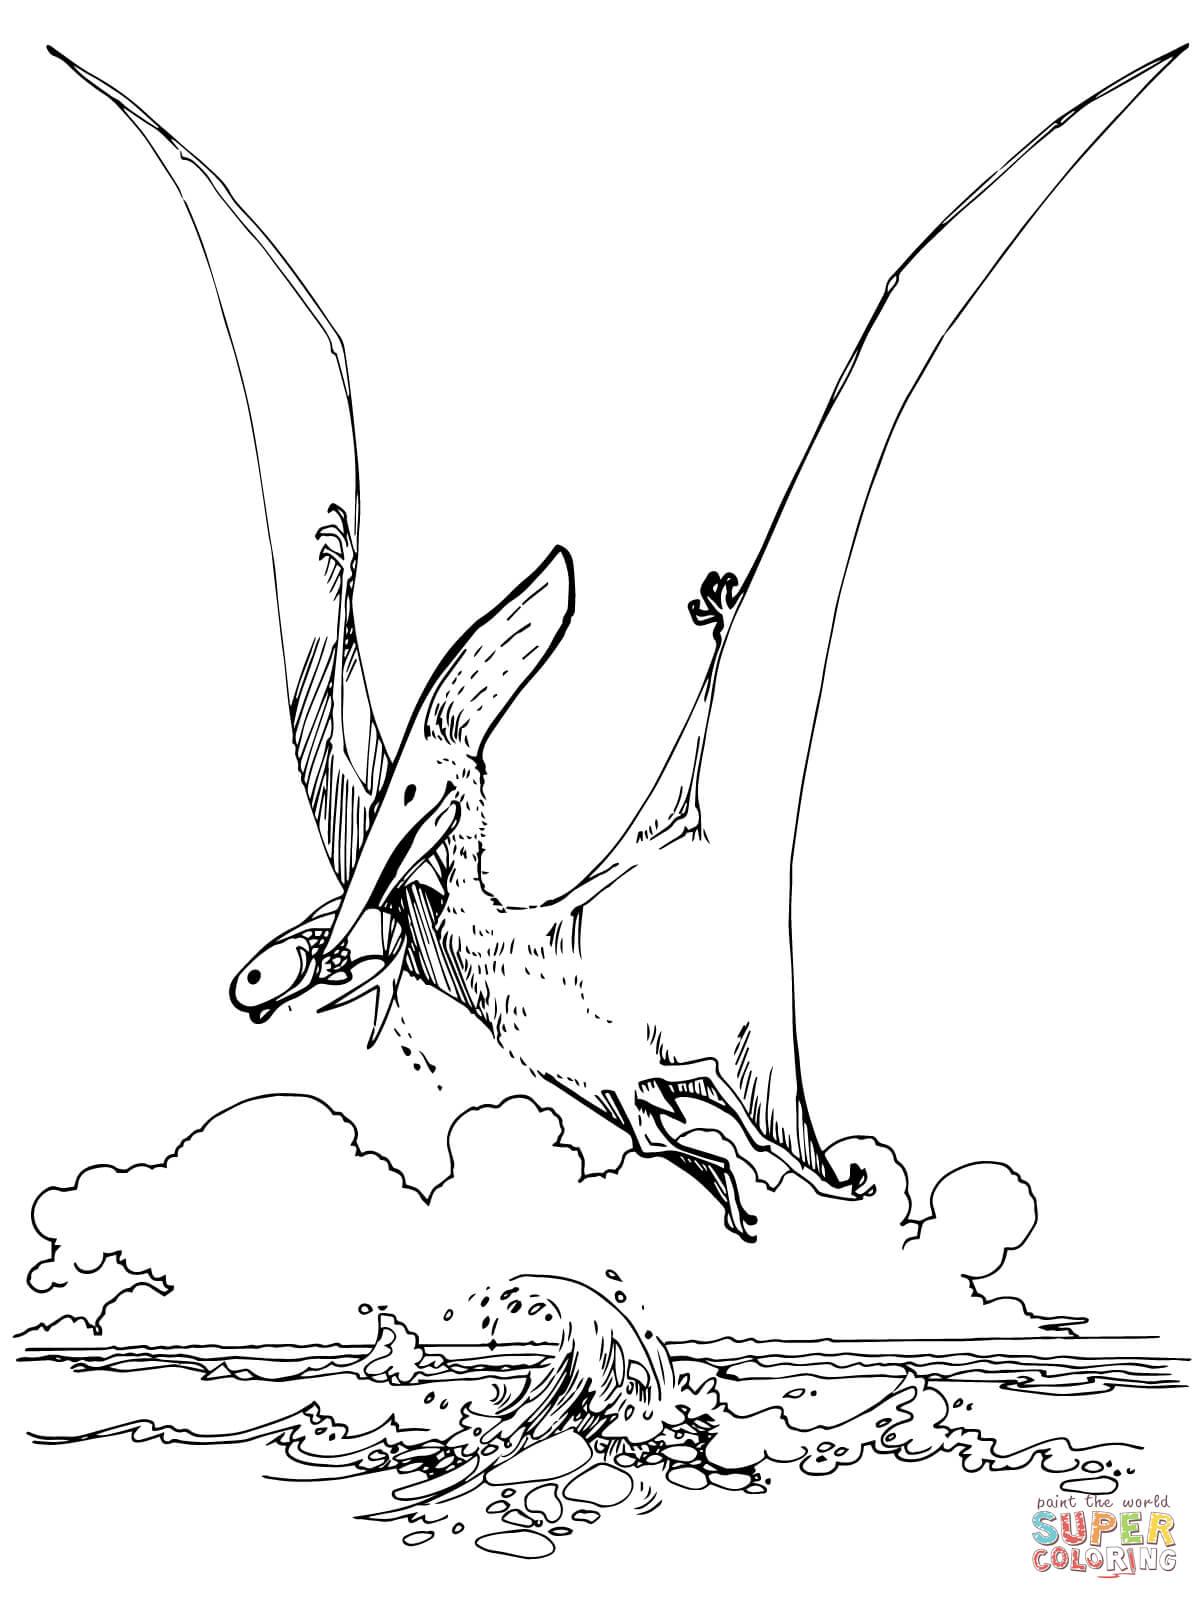 Großzügig Dinosaurier Malvorlagen Spinosaurus Fotos - Beispiel ...